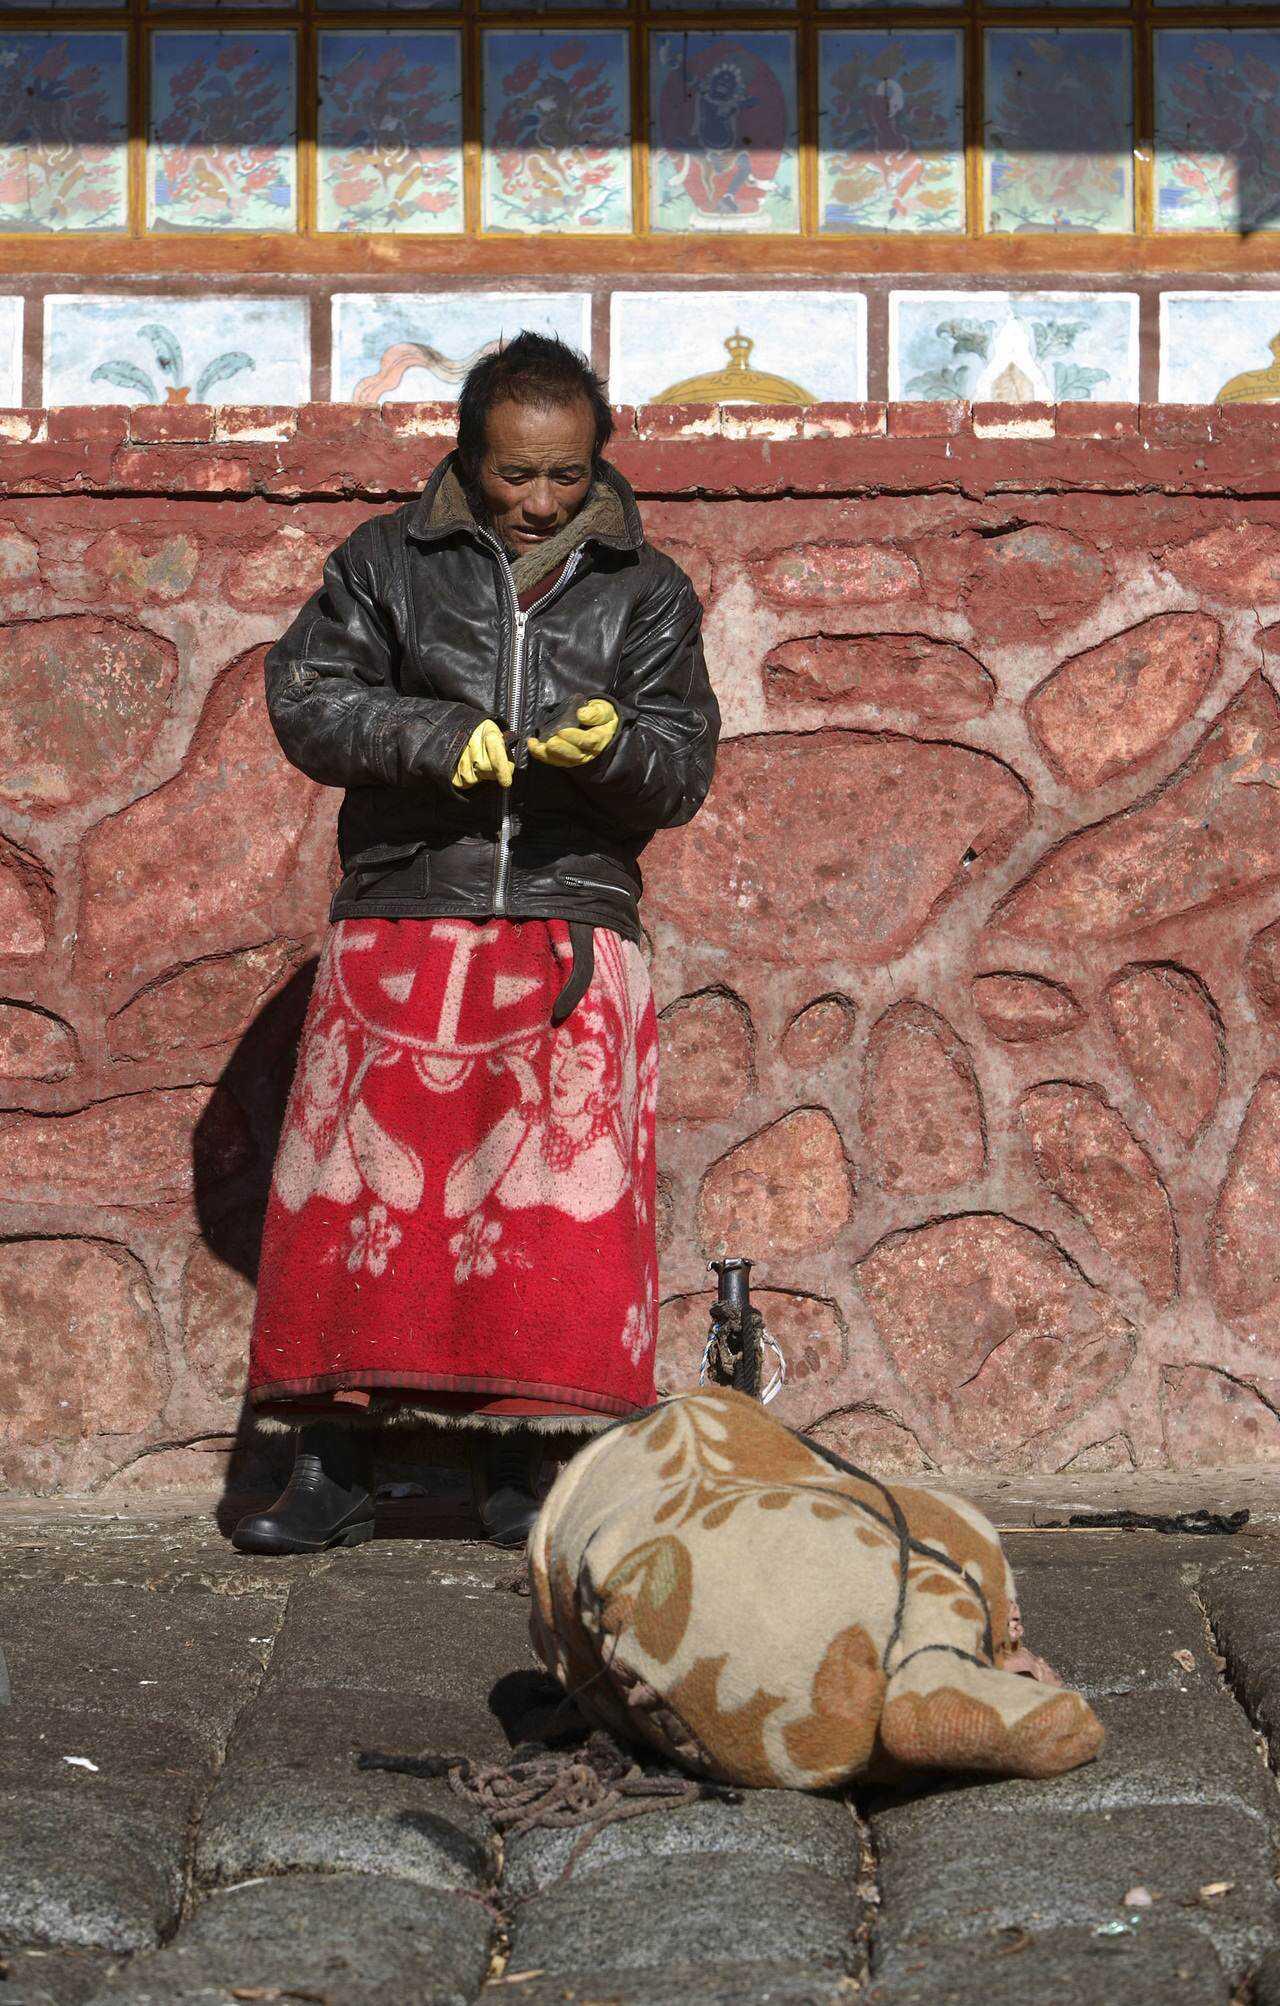 0 ef734 4887811 orig Sepultamento celestial no Tibete (AVISO: não recomendado para pessoas impressionáveis)